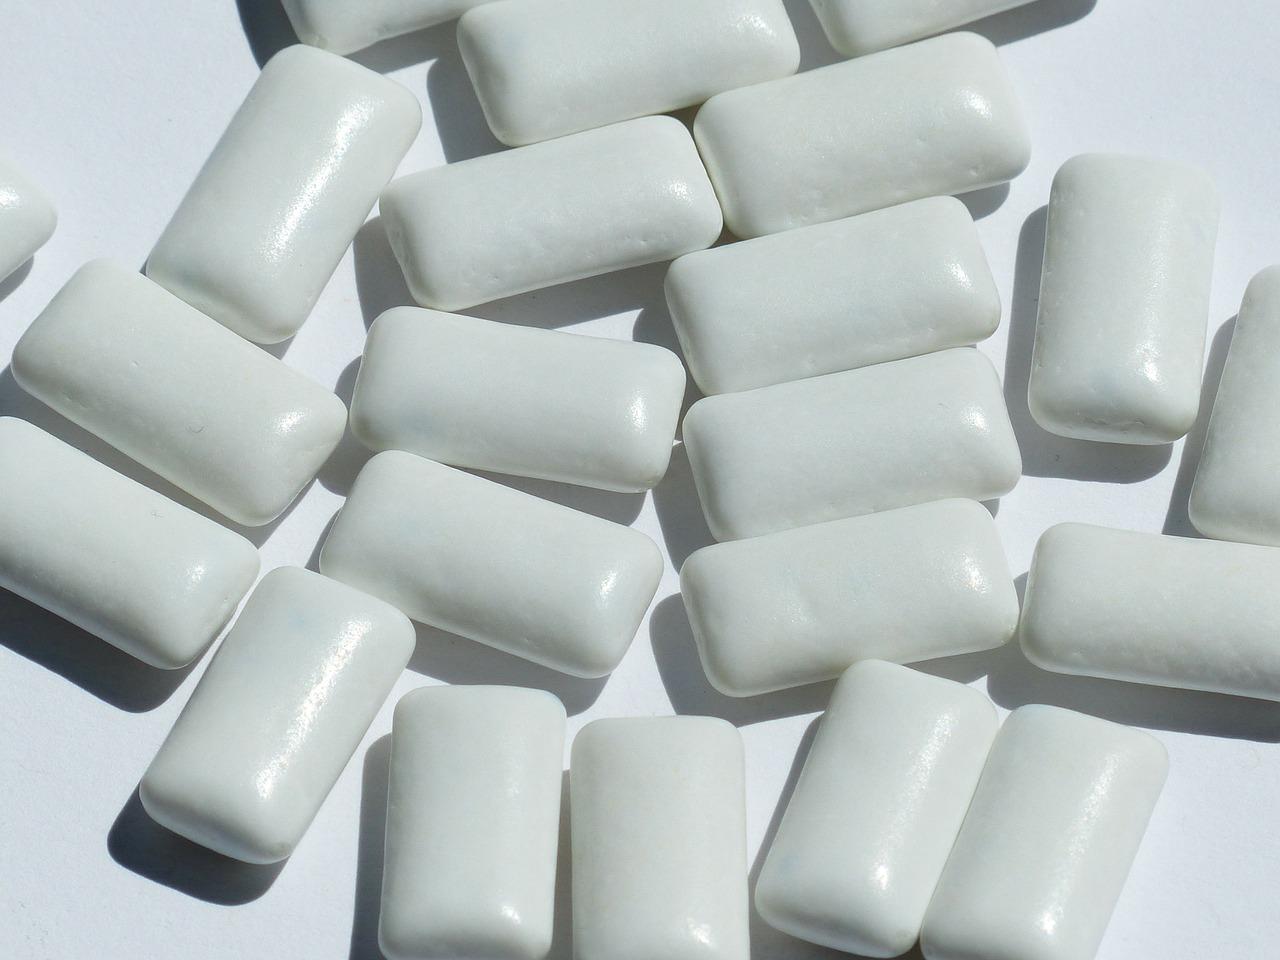 gum tablets